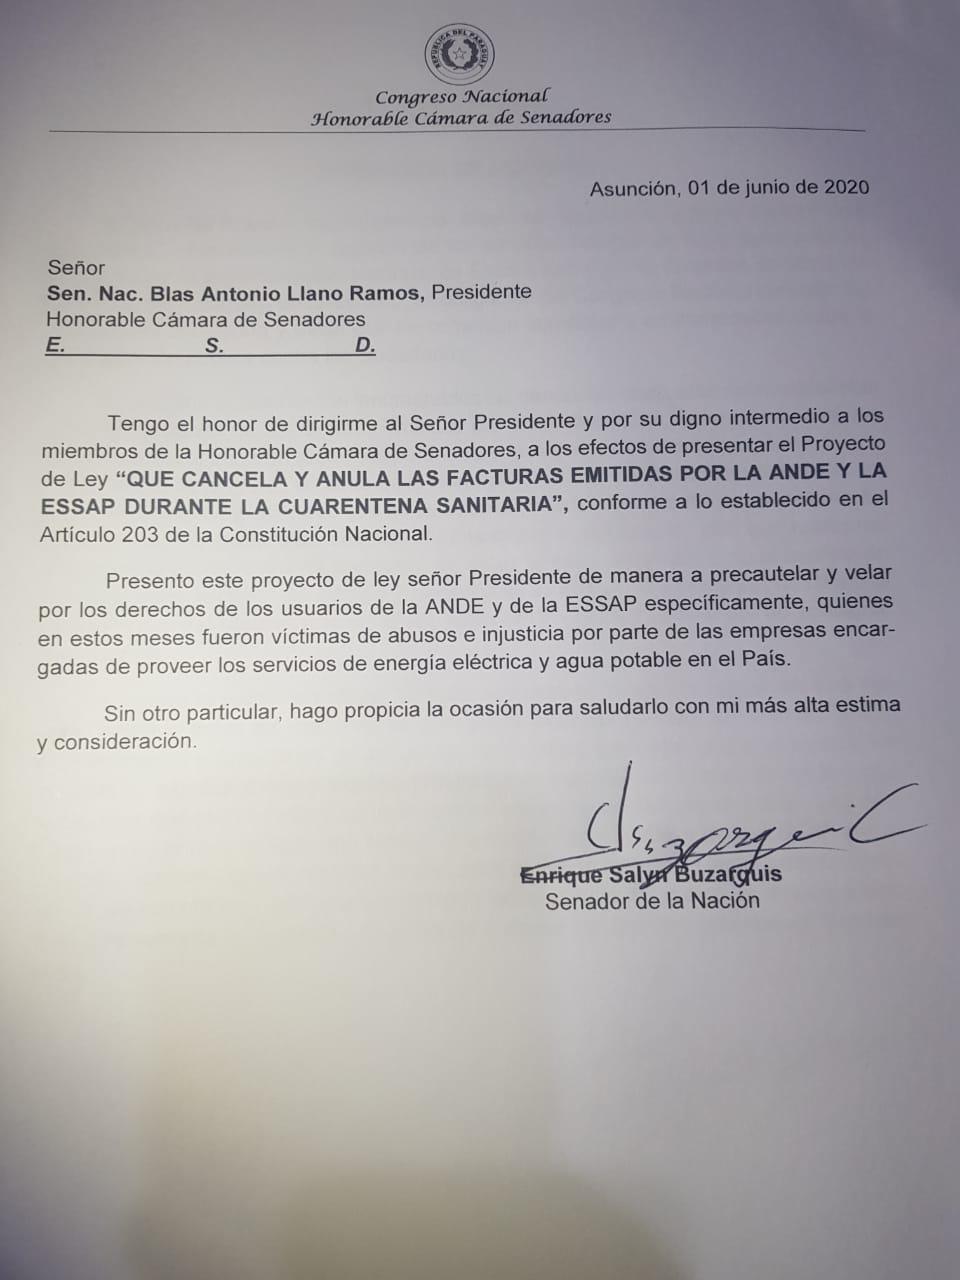 Ante las sobrefacturaciones en la Ande y Essap.